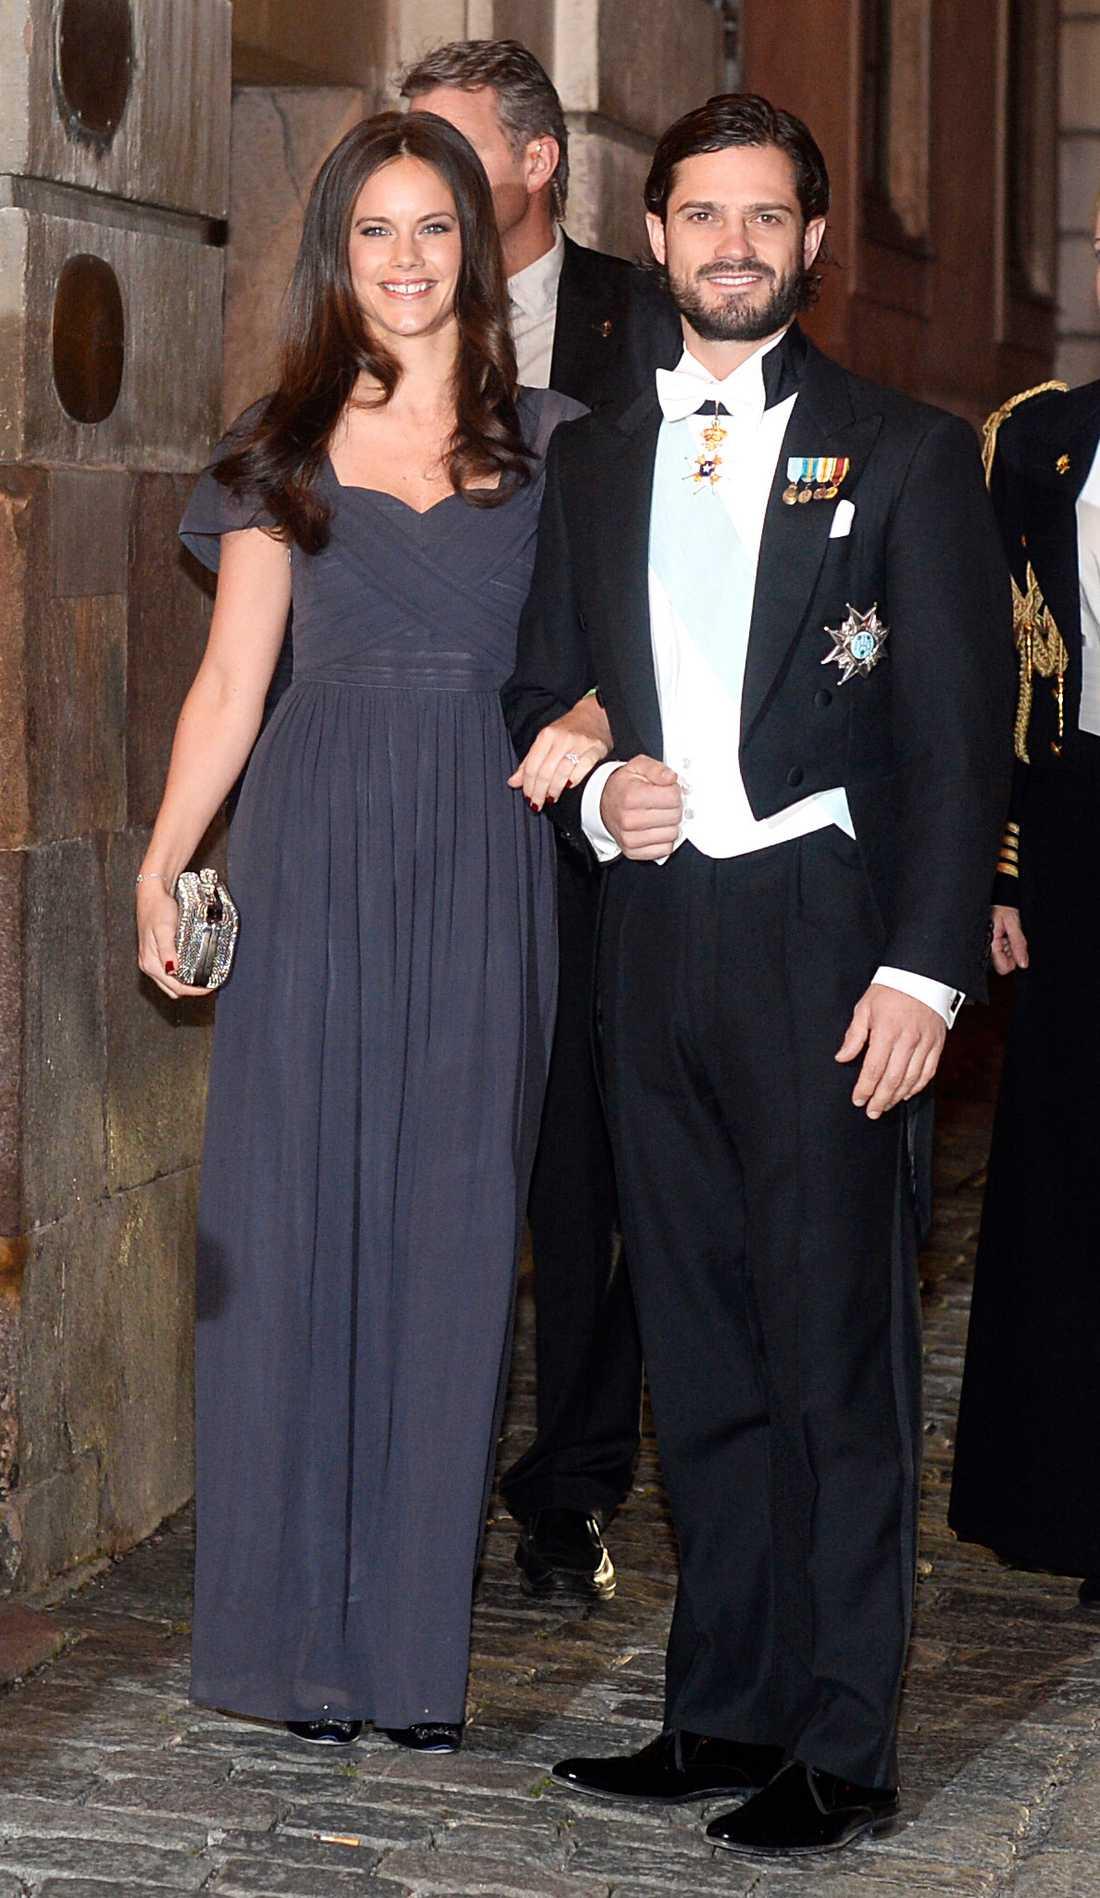 Sofia Hellqvist med sambo Carl Philip på Svenska Akademiens högtidssammankomst. Sofias midnattsblåa klänning med markerad midja matchar hennes hår perfekt.